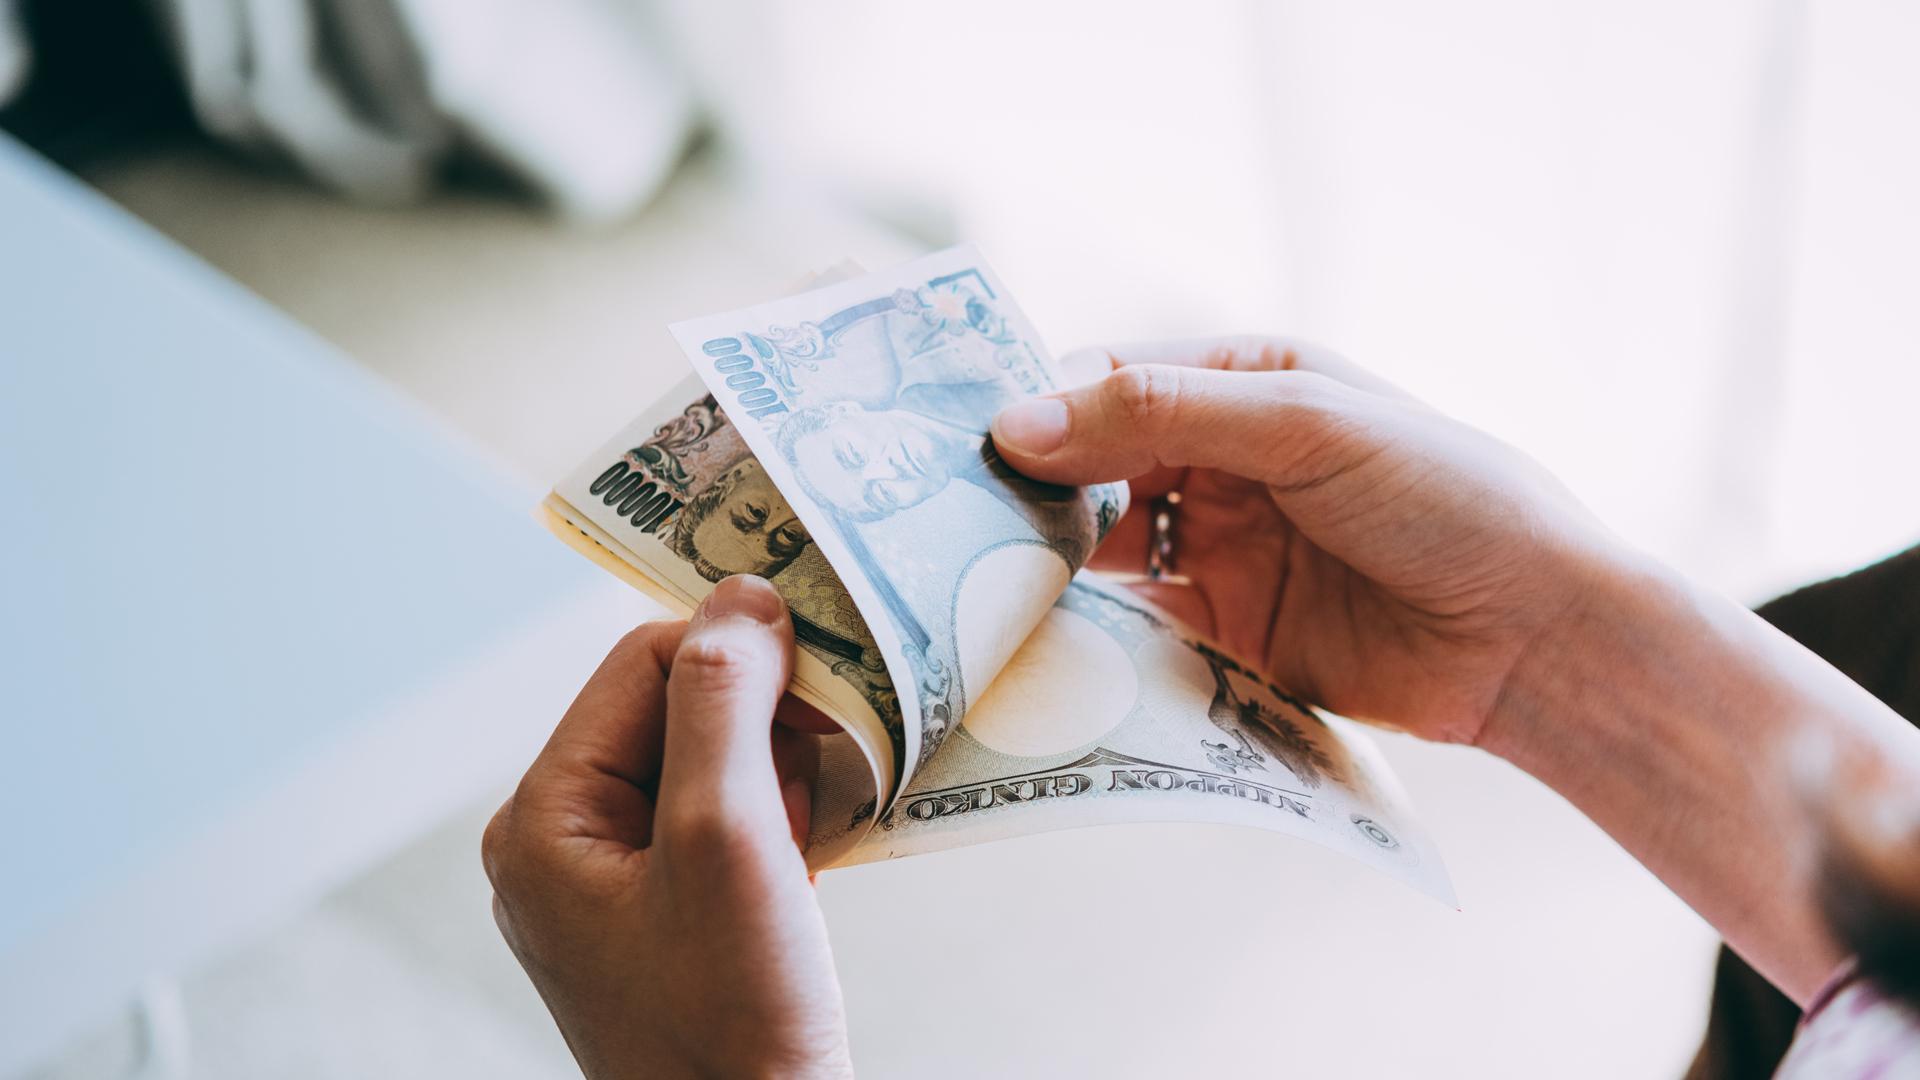 買取代金のお支払及び書類送付